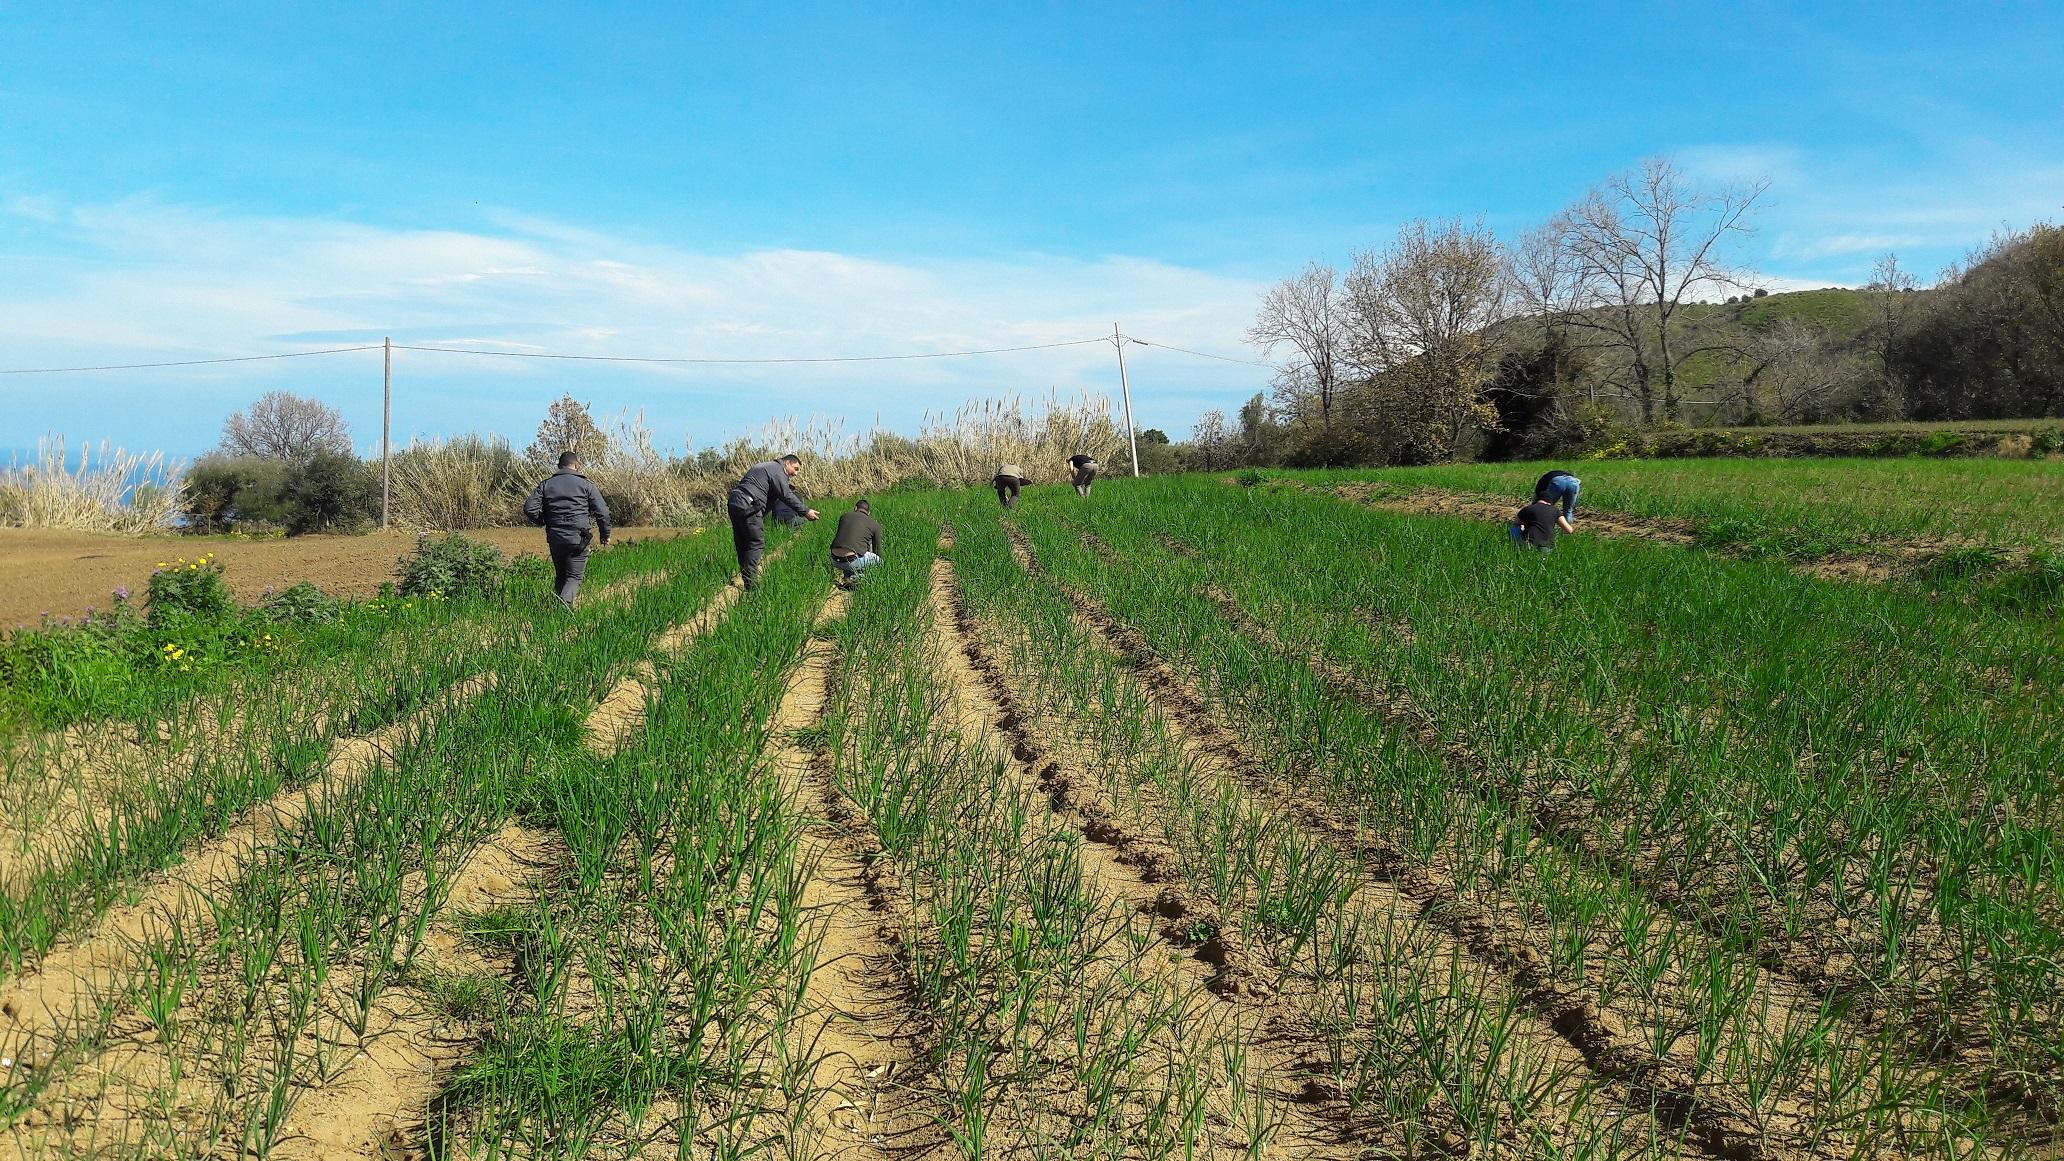 """A lavoro nei campi del Vibonese 12 persone """"in nero""""  Maxi sanzione per imprenditore agricolo: 36.000 euro"""